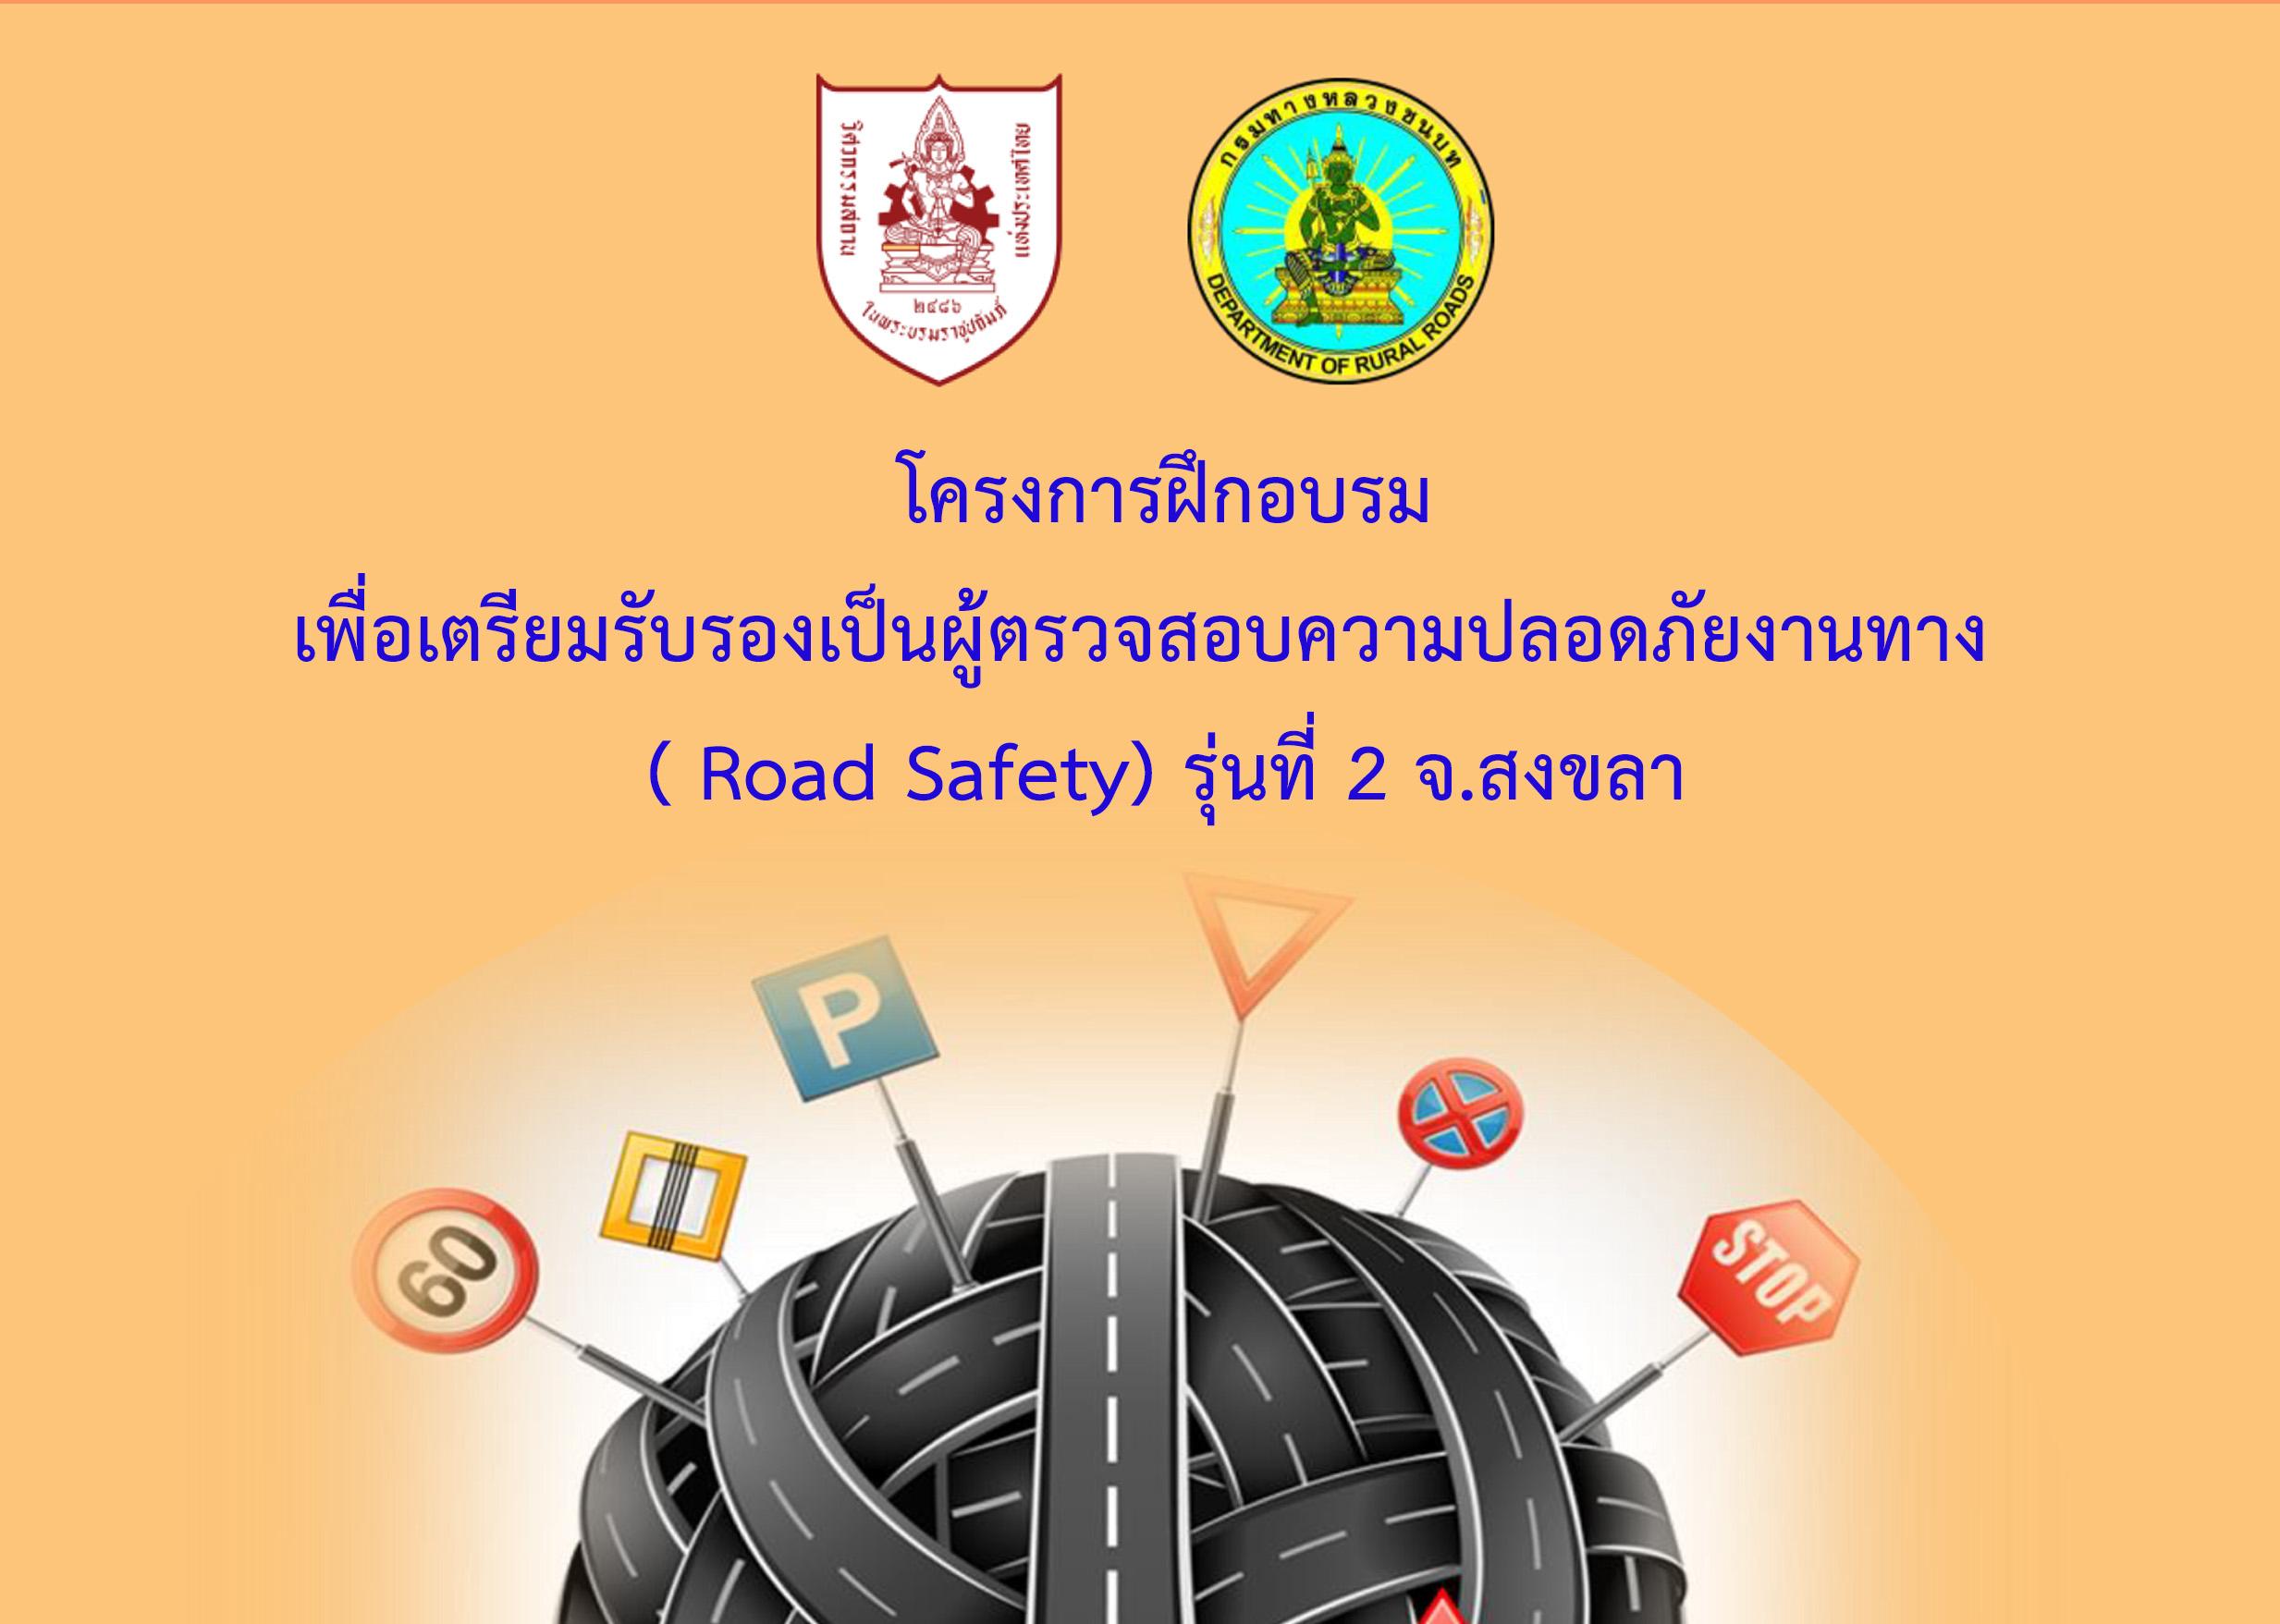 14-16/03/61โครงการฝึกอบรม เพื่อเตรียมรับรองเป็นผู้ตรวจสอบความปลอดภัยงานทาง  ( Road Safety Audit)   สำหรับกรมทางหลวงชนบท (รุ่นที่2) จ.สงขลา